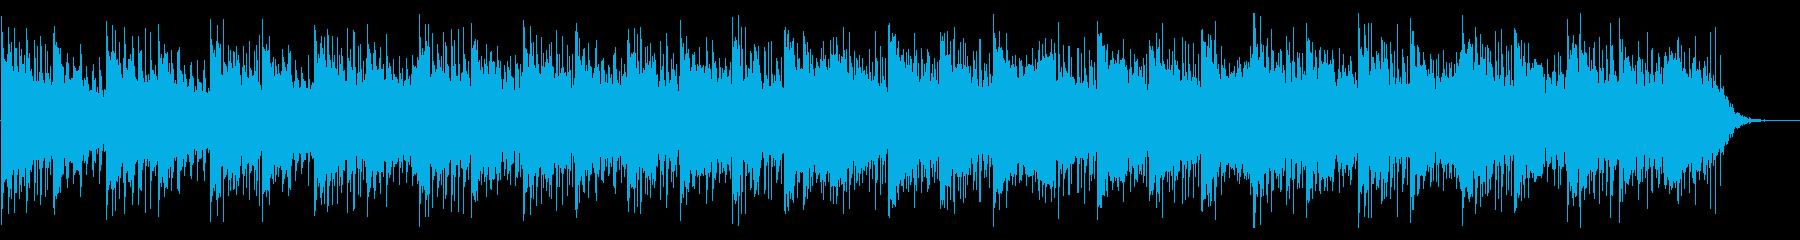 ITやテクノロジー/爽やかな解説向けの曲の再生済みの波形